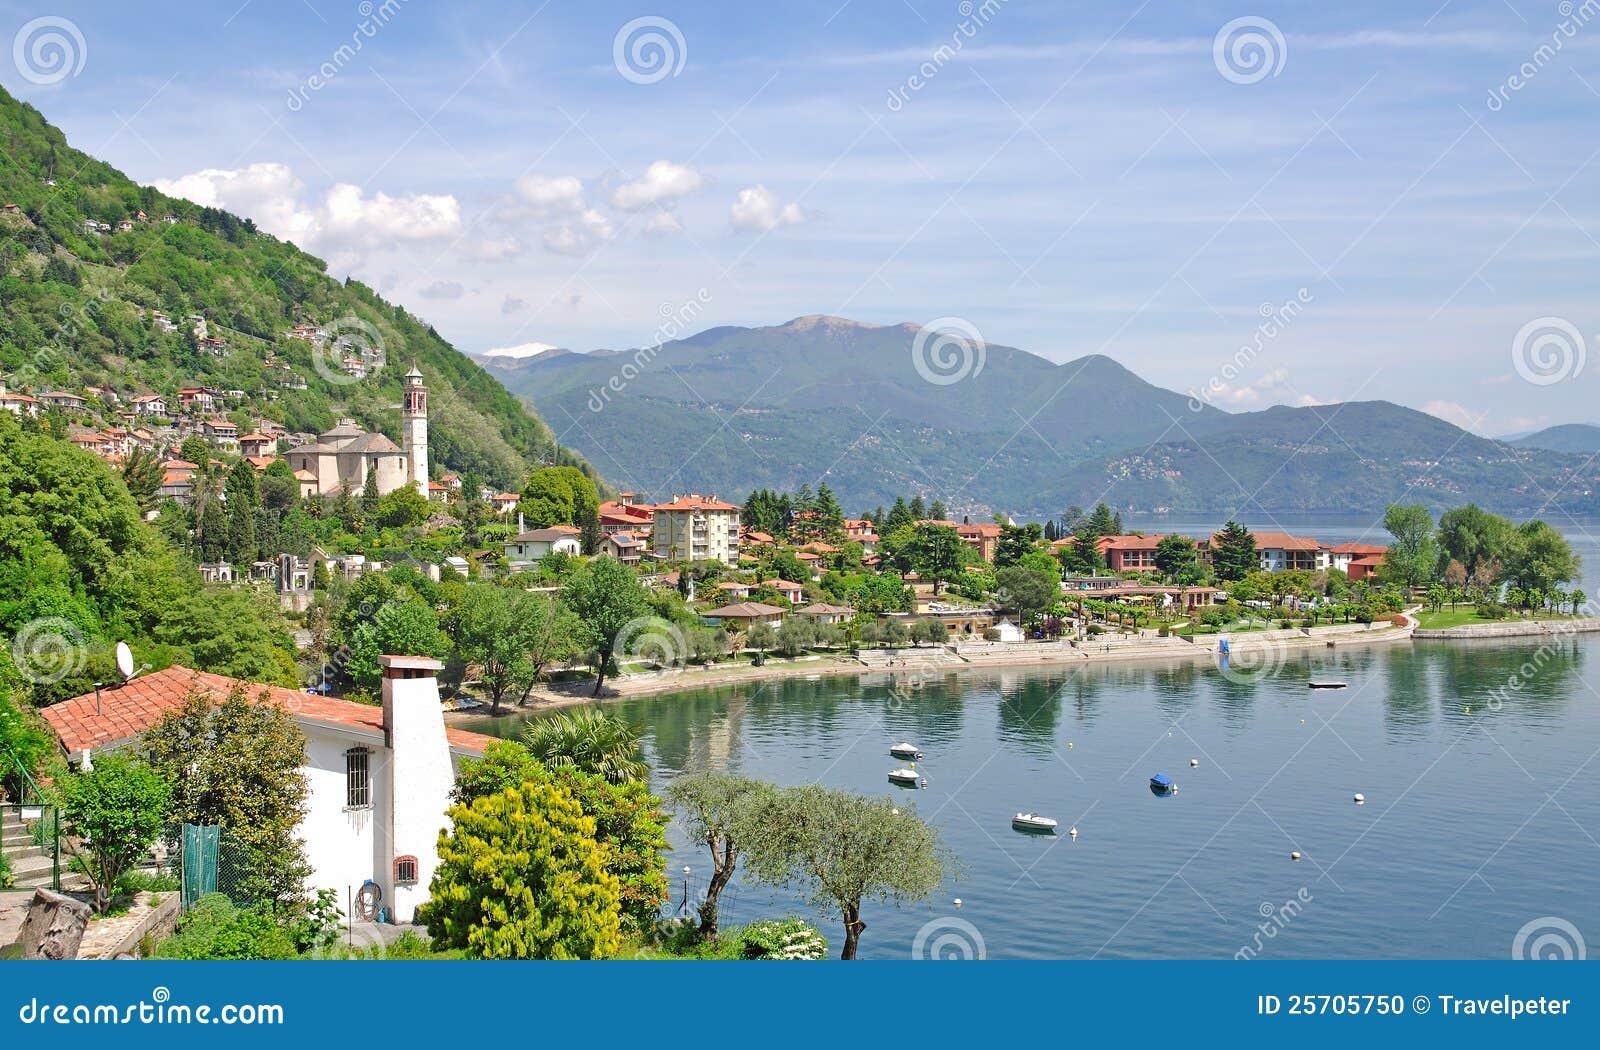 Cannero Riviera, lago Maggiore, Lago Maggiore, Italy